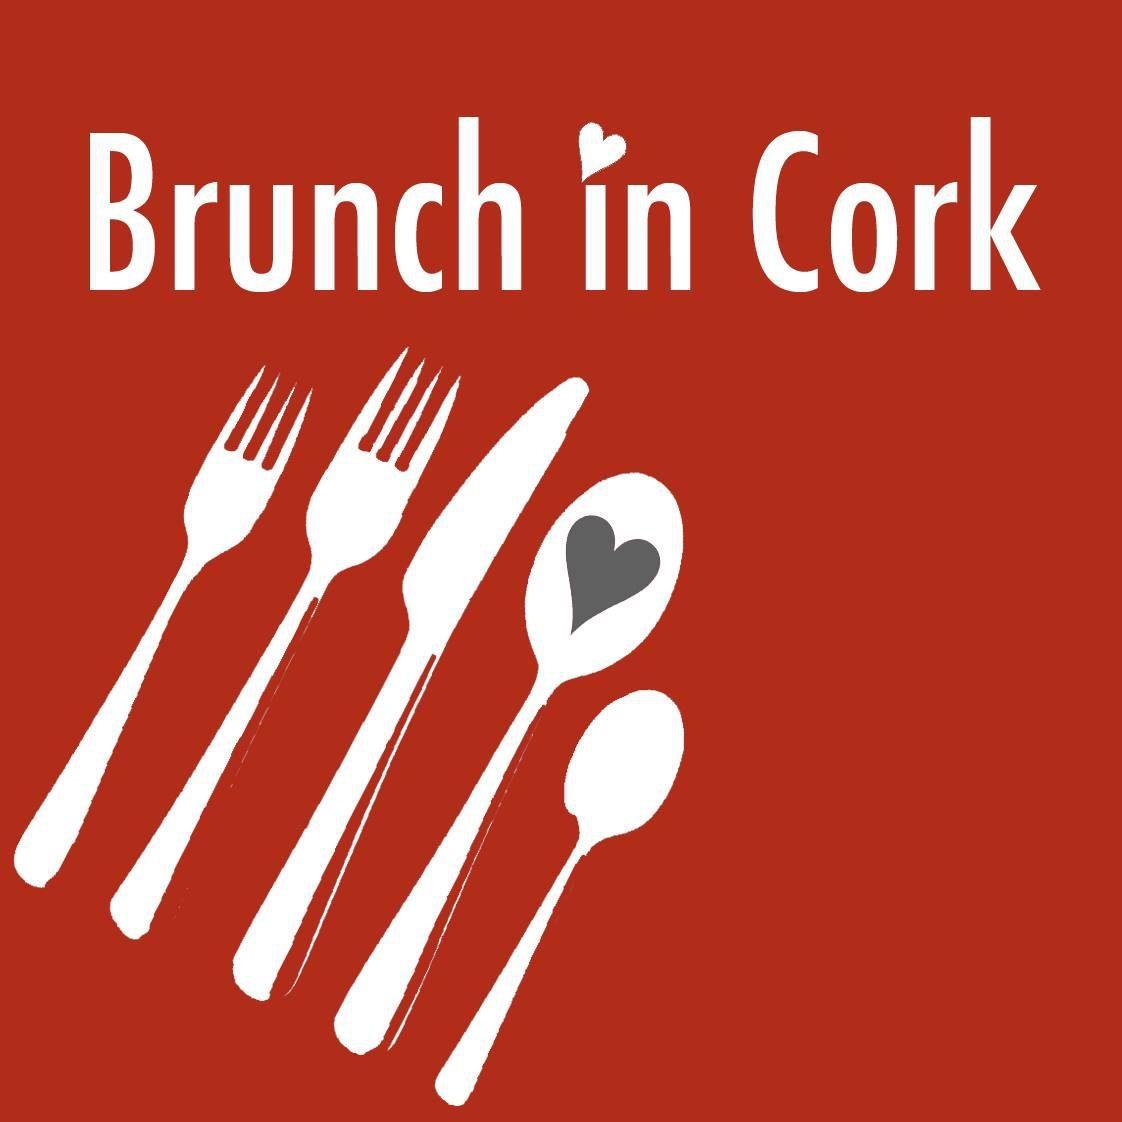 Brunch & Cork Food